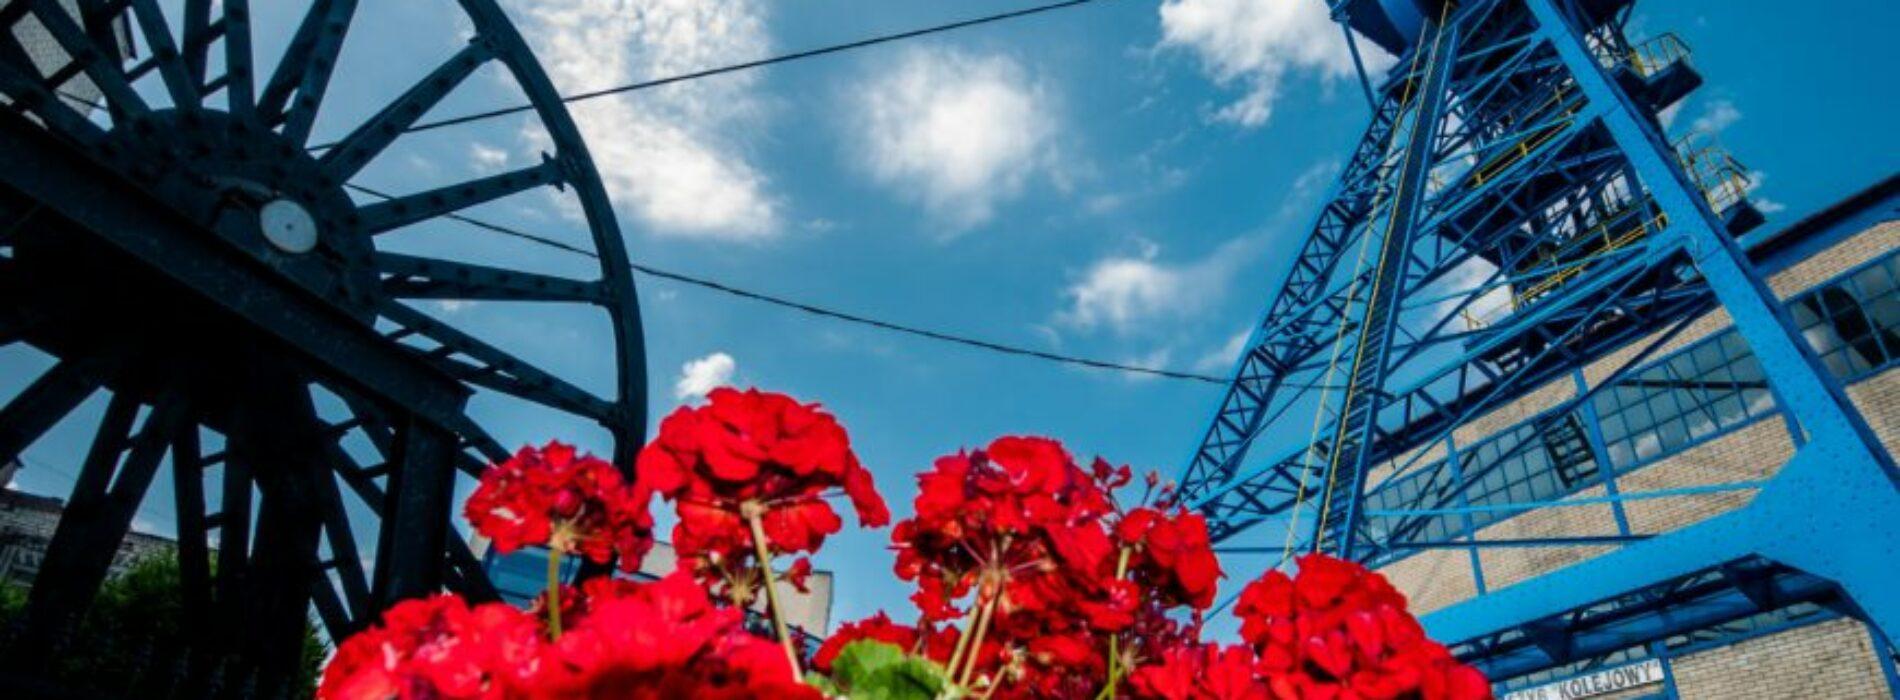 Już w najbliższą sobotę – Industriada 2021. Święto szlaku zabytków techniki